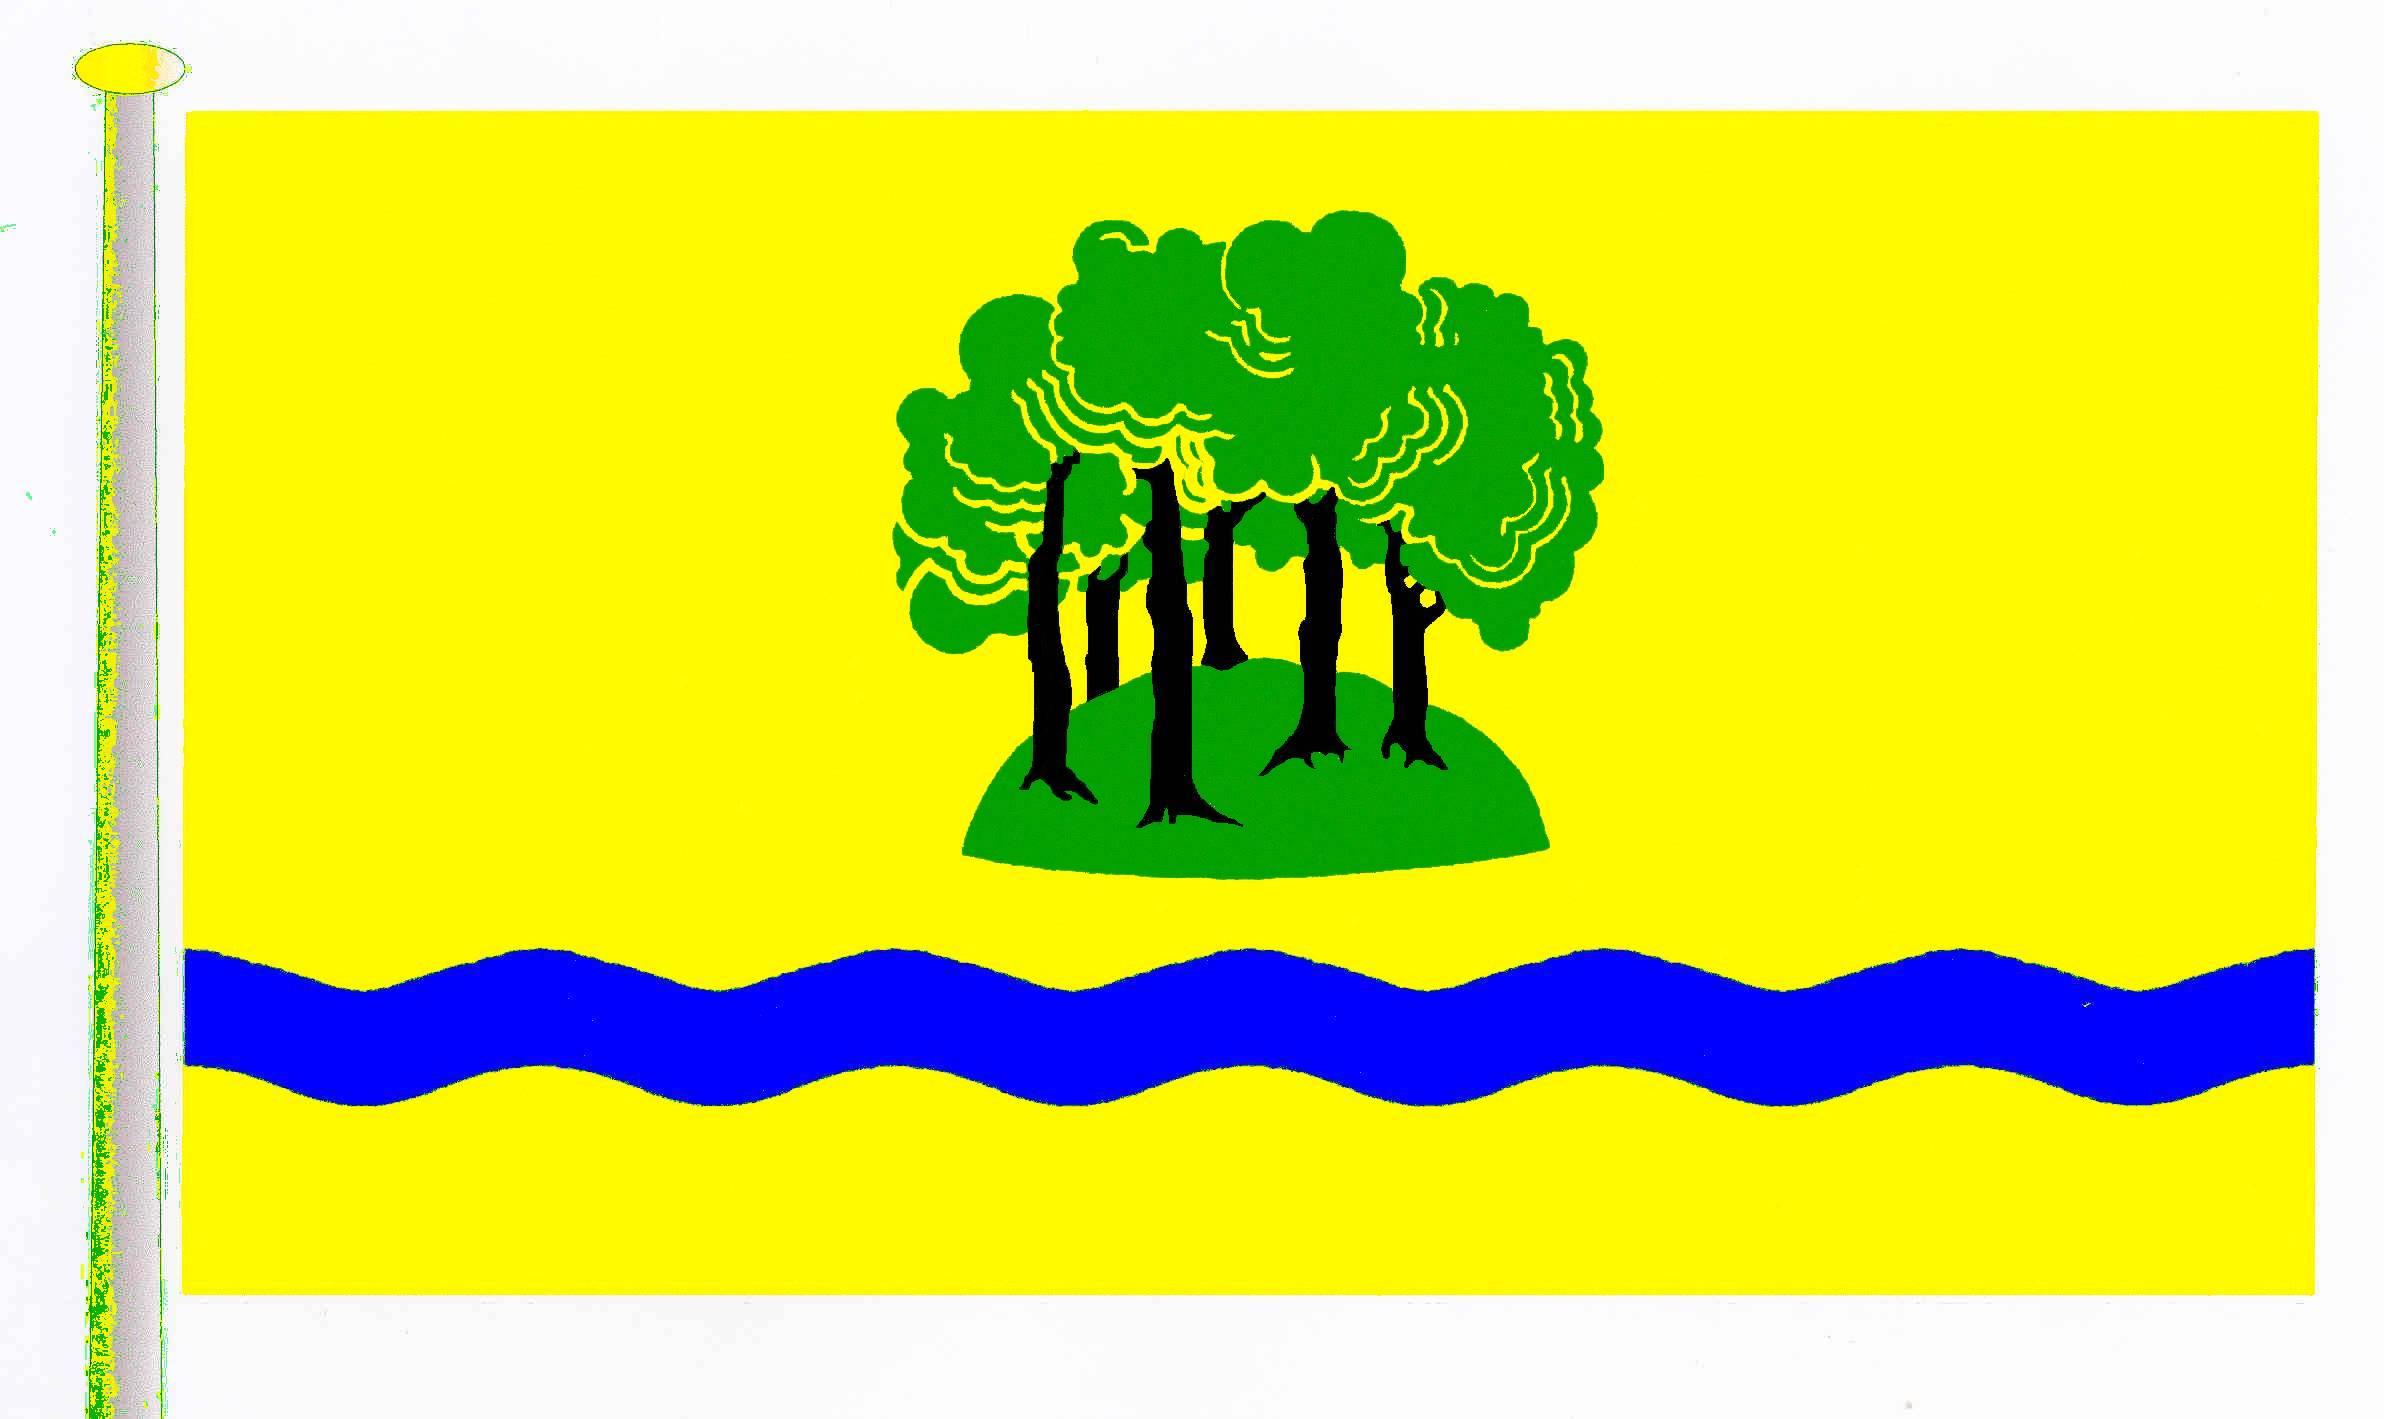 Flagge GemeindeGrabau, Kreis Stormarn